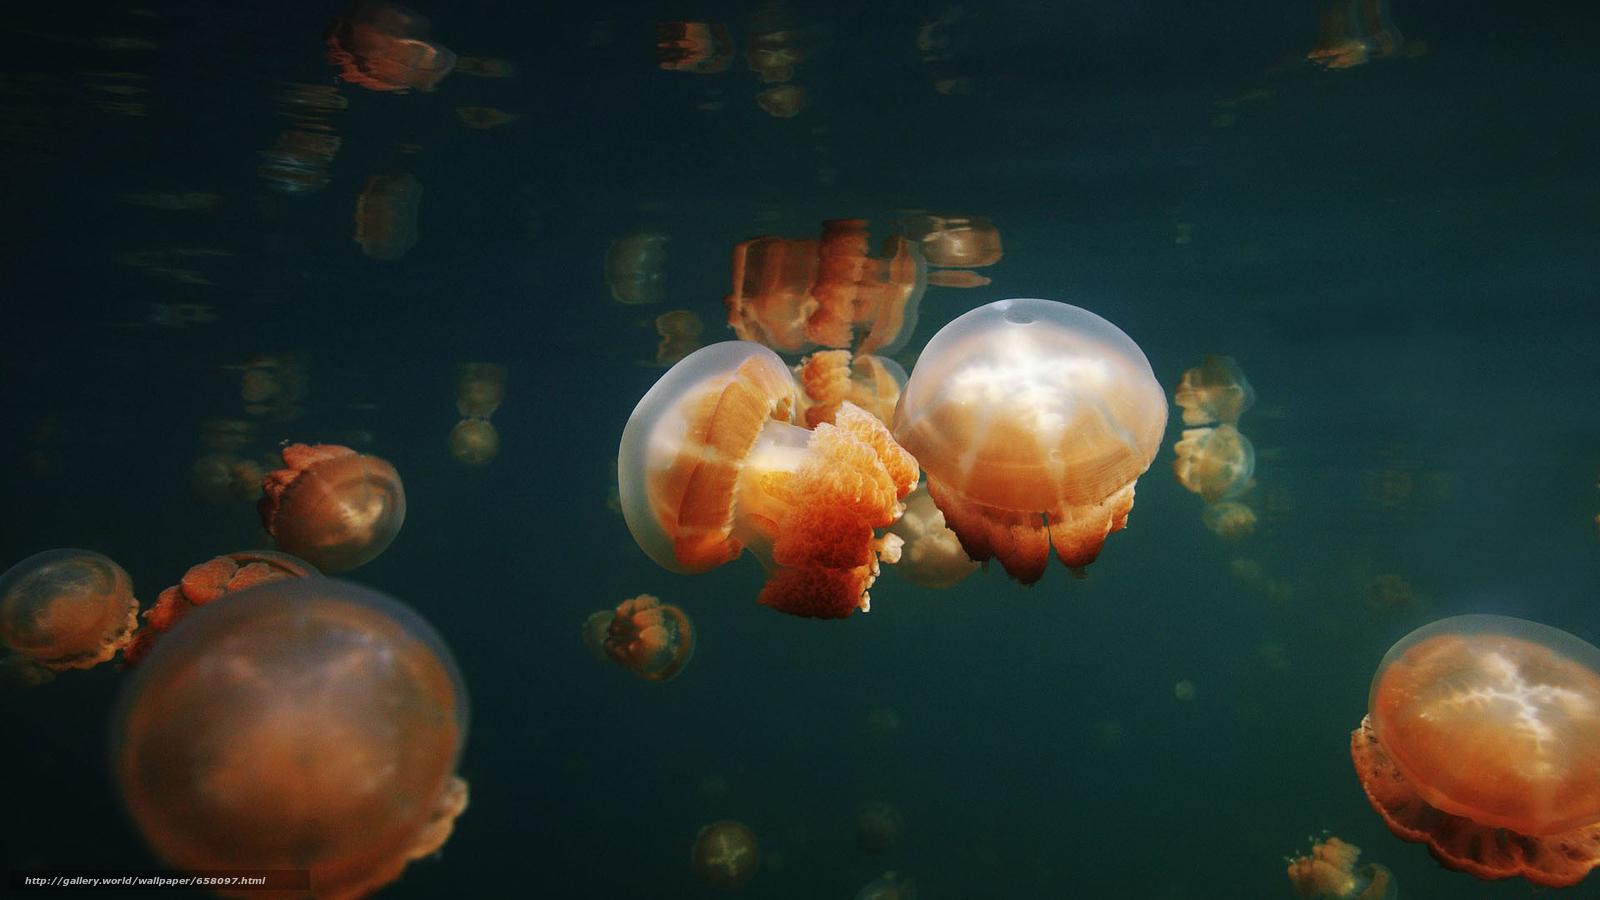 下载壁纸 海蜇,  海蜇,  海底世界,  水 免费为您的桌面分辨率的壁纸 1920x1080 — 图片 №658097